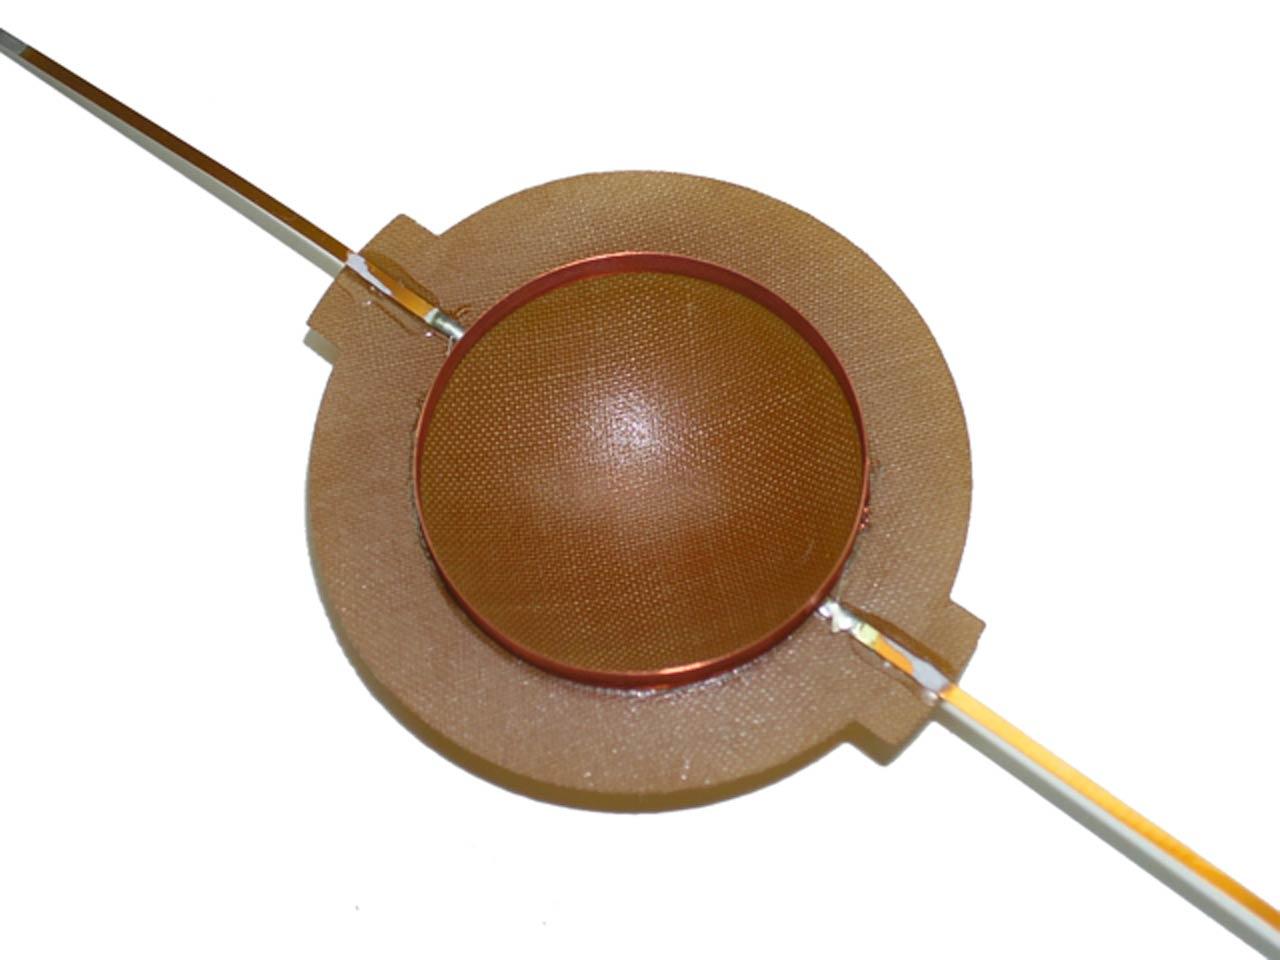 Ss Audio Diaphragm For Klipsch Tweeter Horn K77 89486a